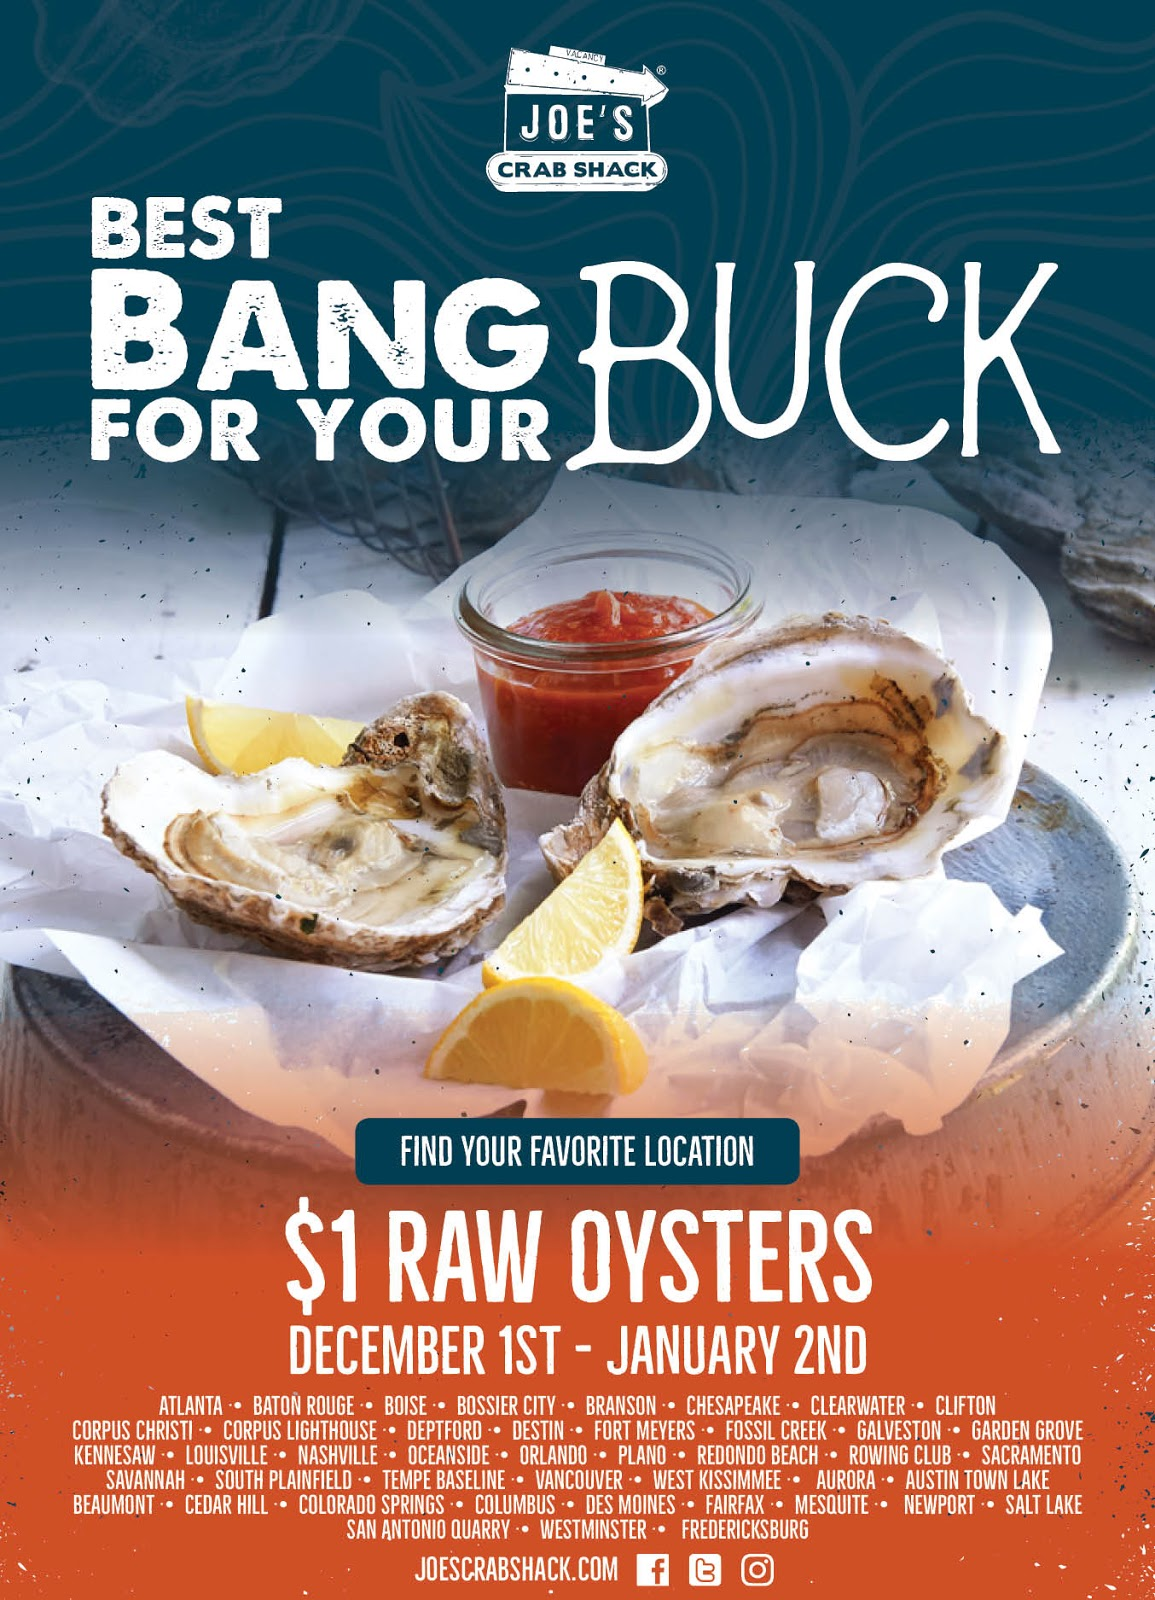 Dec. 1 - Jan 2 |  $1 Raw Oyster Deals @ Joe's Crab Shack